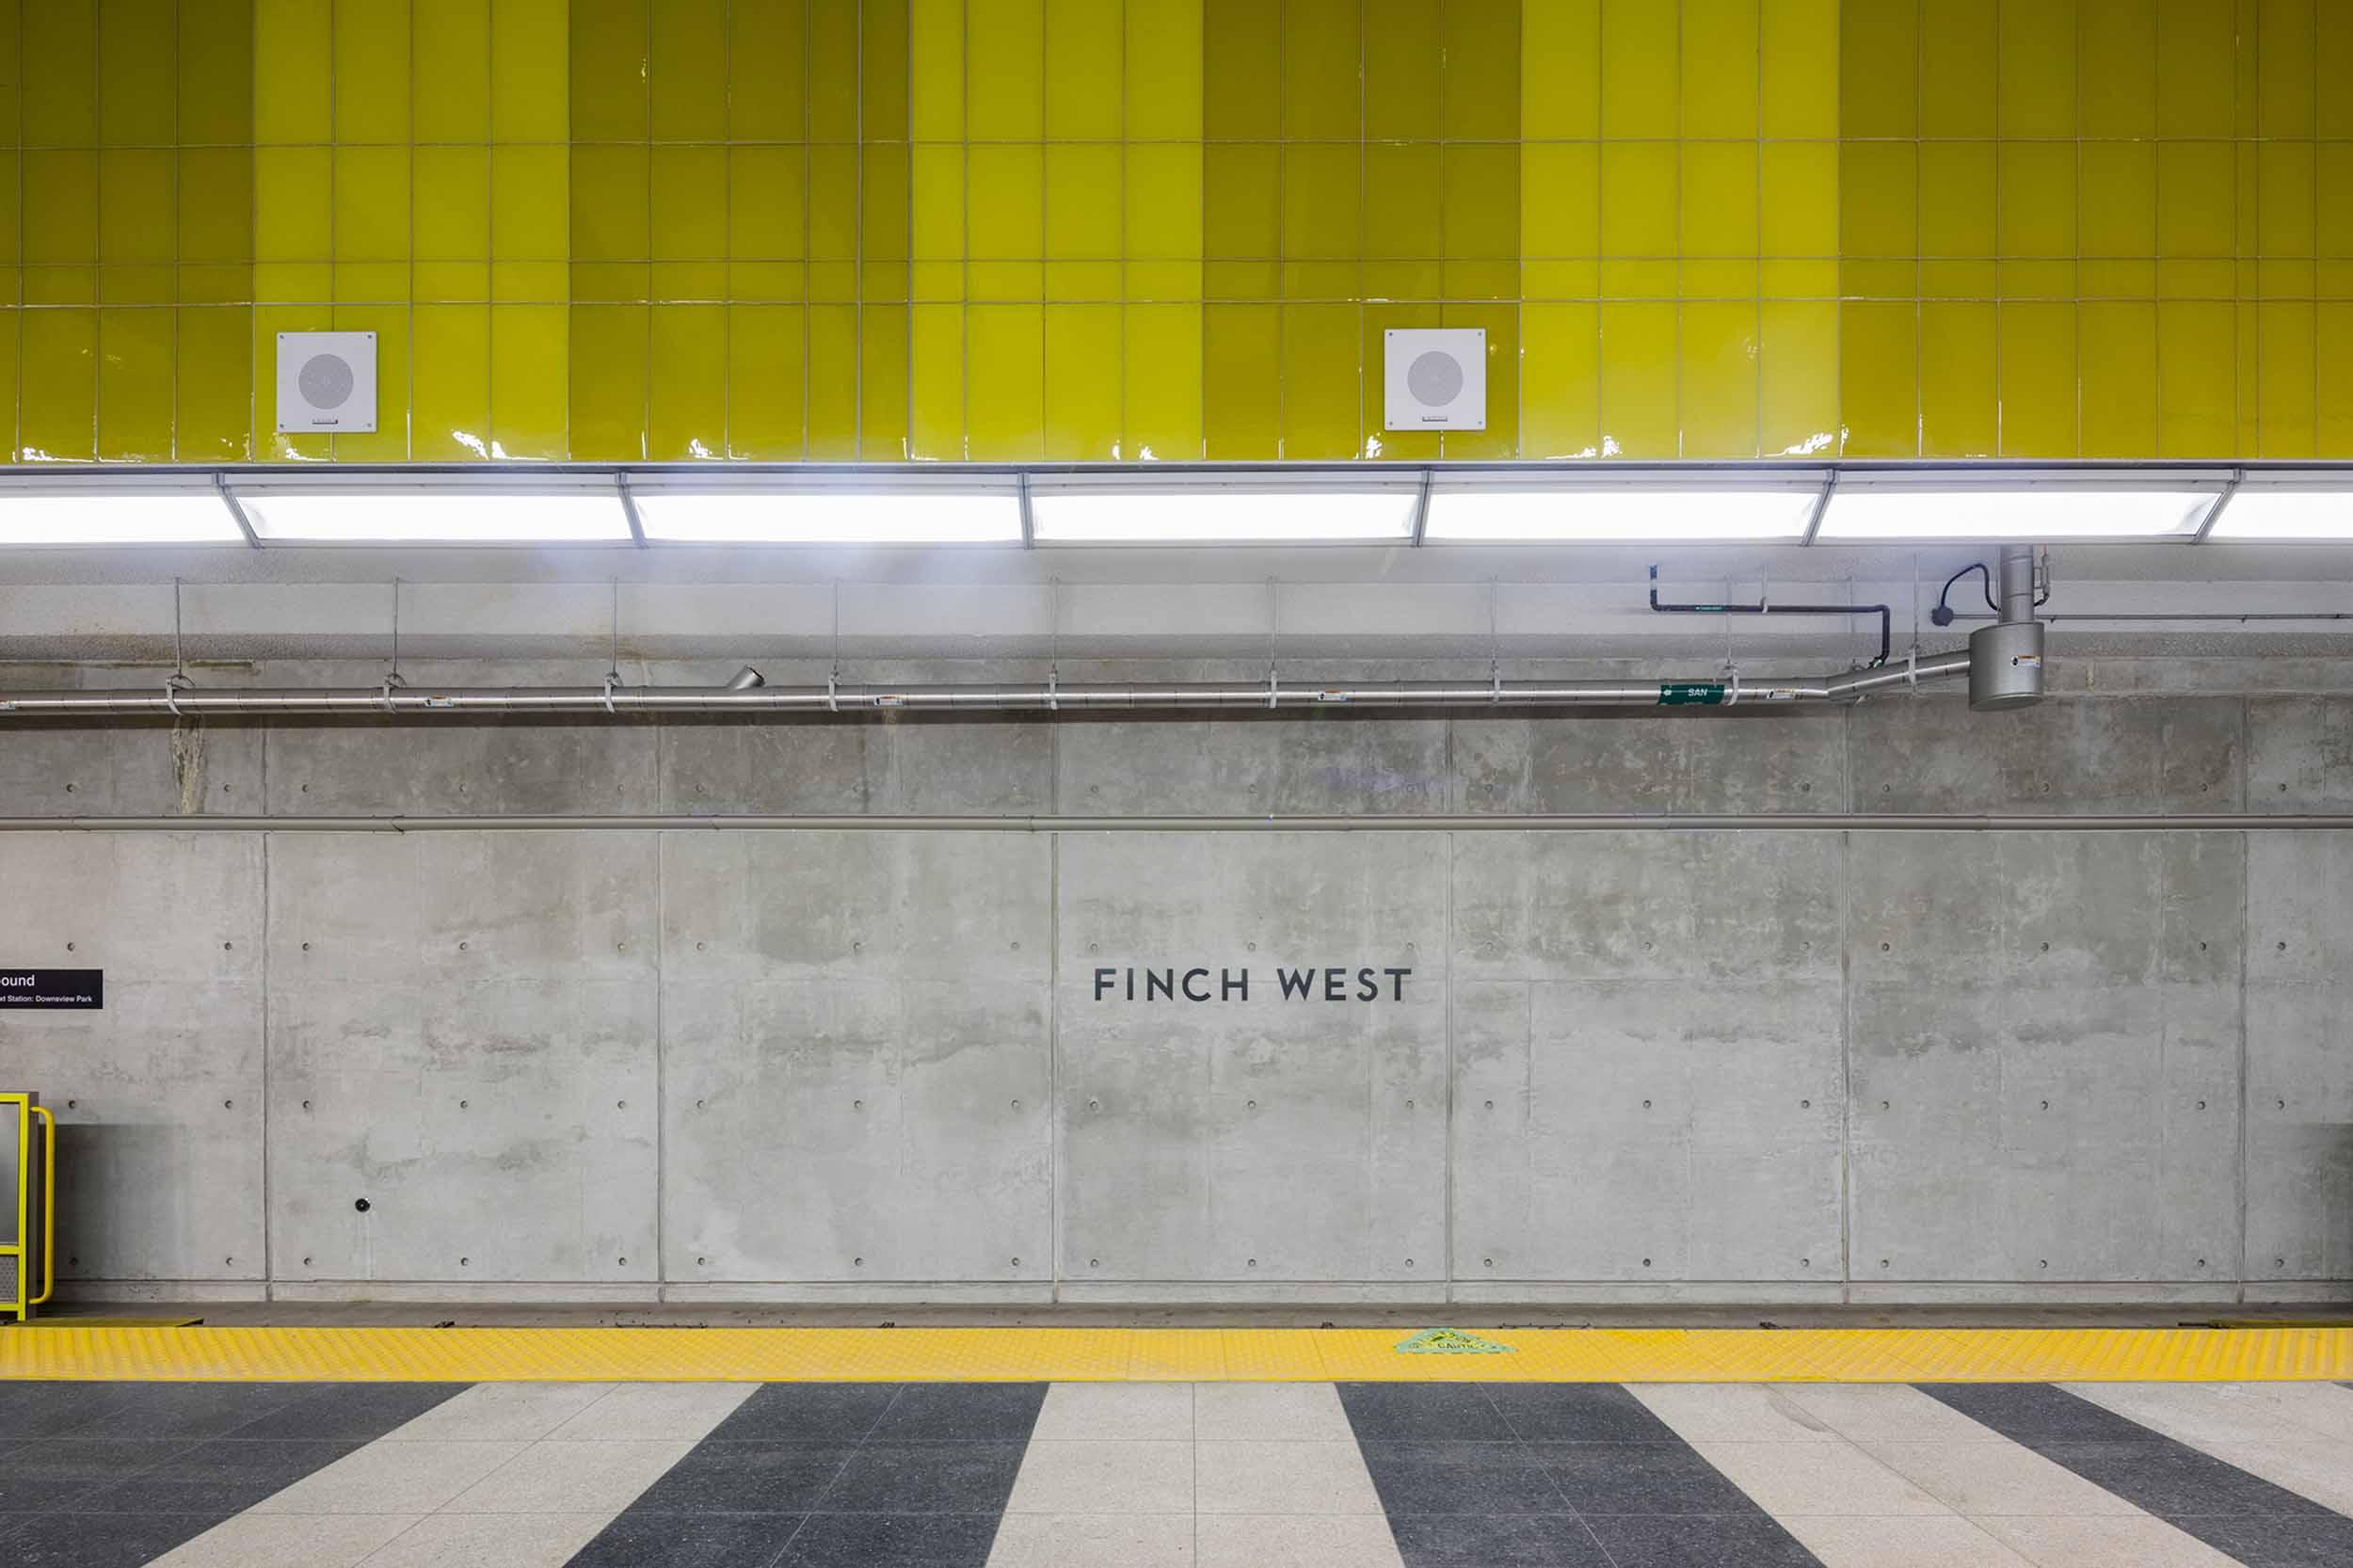 Finch West Station Platform